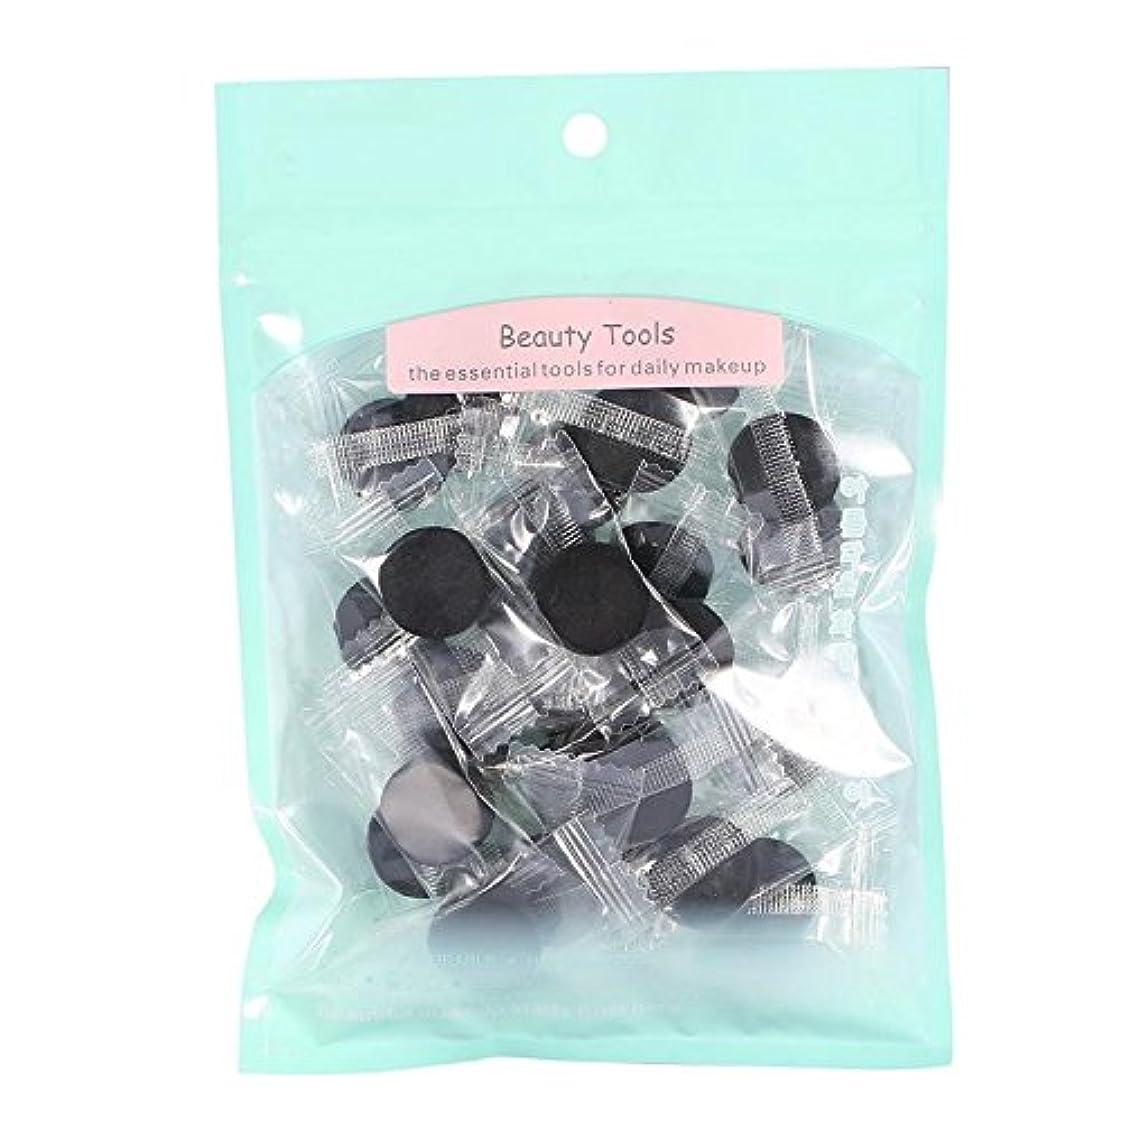 調べるプライバシーピット竹圧縮マスク、30ピース/ 40ピースフェイスナチュラル竹炭繊維フェイスケアdiy圧縮マスク紙シート新しい(30個)